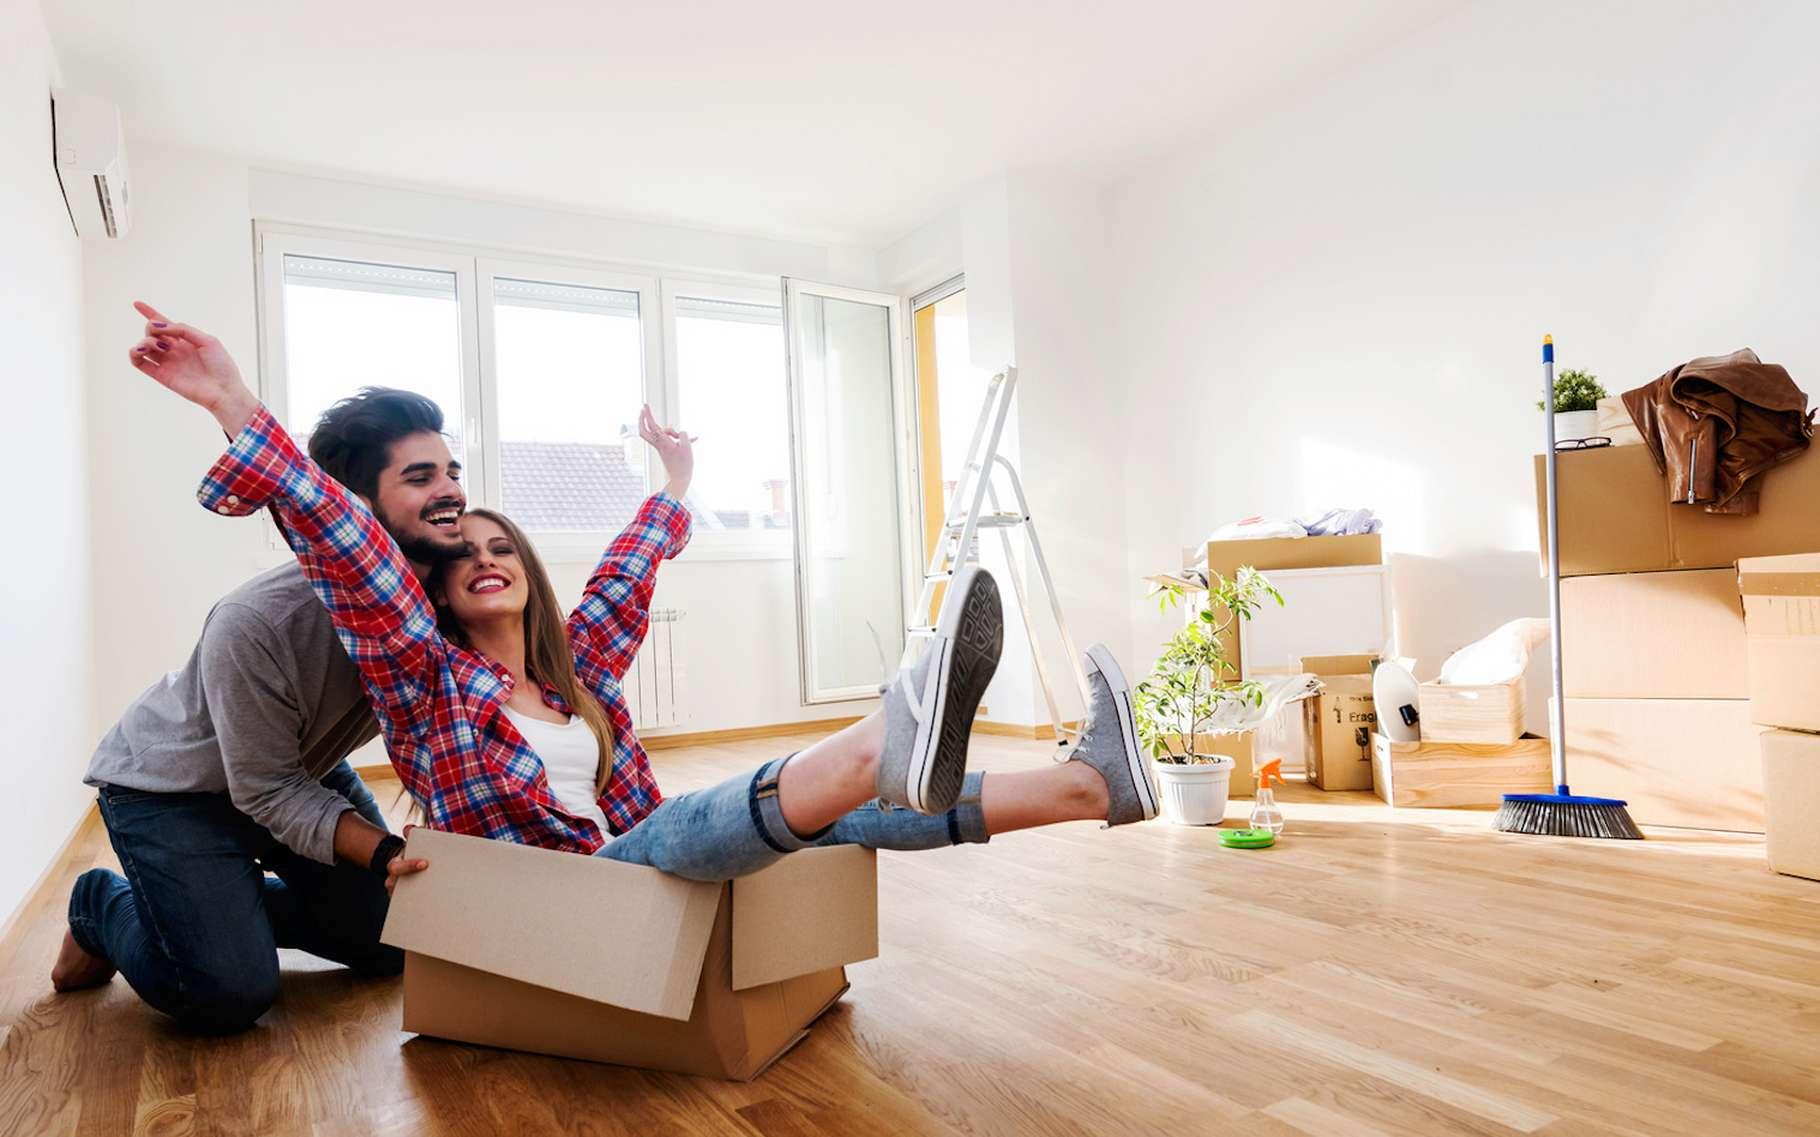 Pour qu'il se passe dans la bonne humeur, un déménagement doit être préparé. © lordn, Fotolia